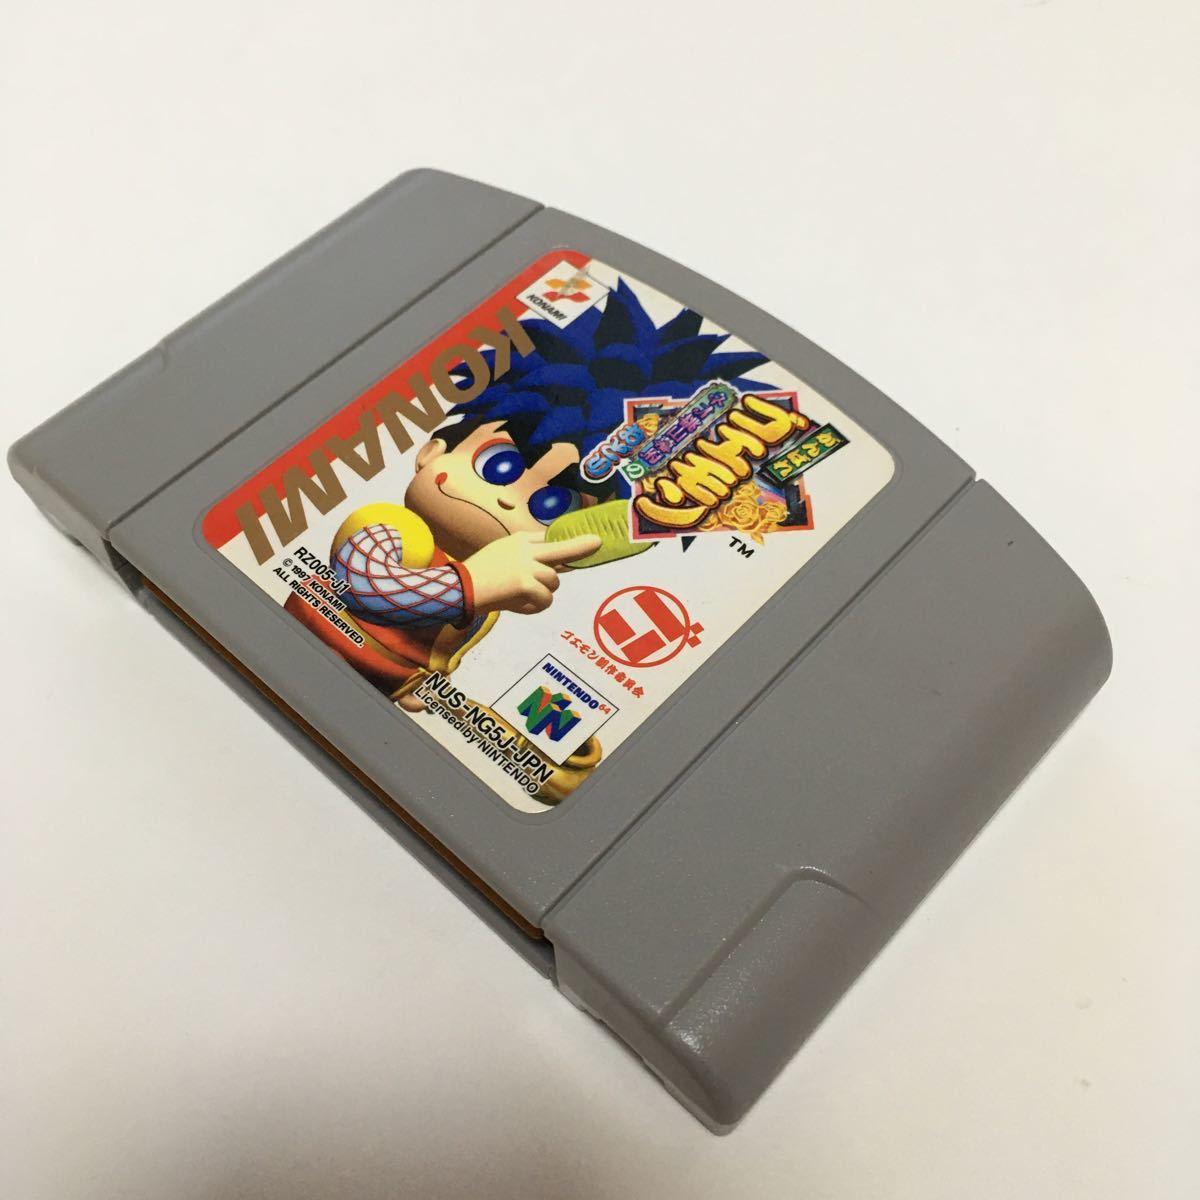 ニンテンドー64  ソフト がんばれゴエモンネオ桃山幕府のおどり 動作確認済み カセット レトロ ゲーム